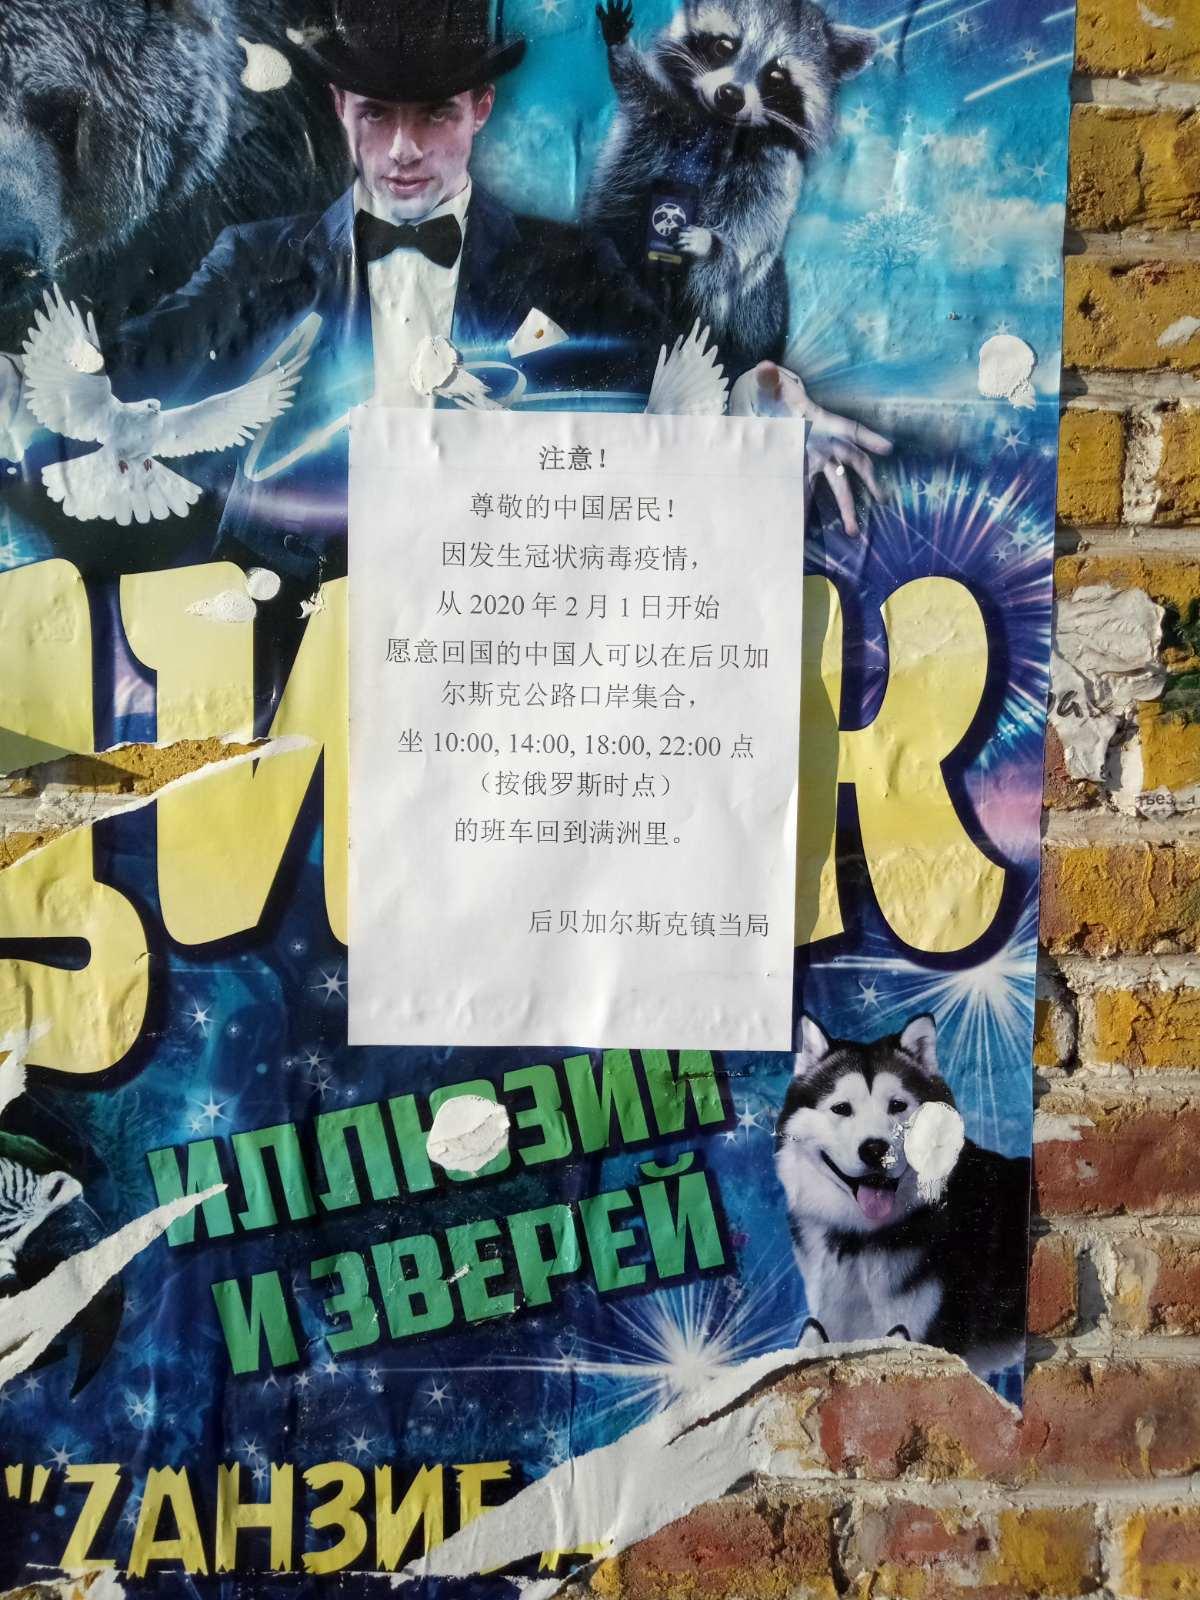 Коронавирус: За день из Китая через МАПП «Забайкальск-Манчьжурия» выехало 9 соотечественников